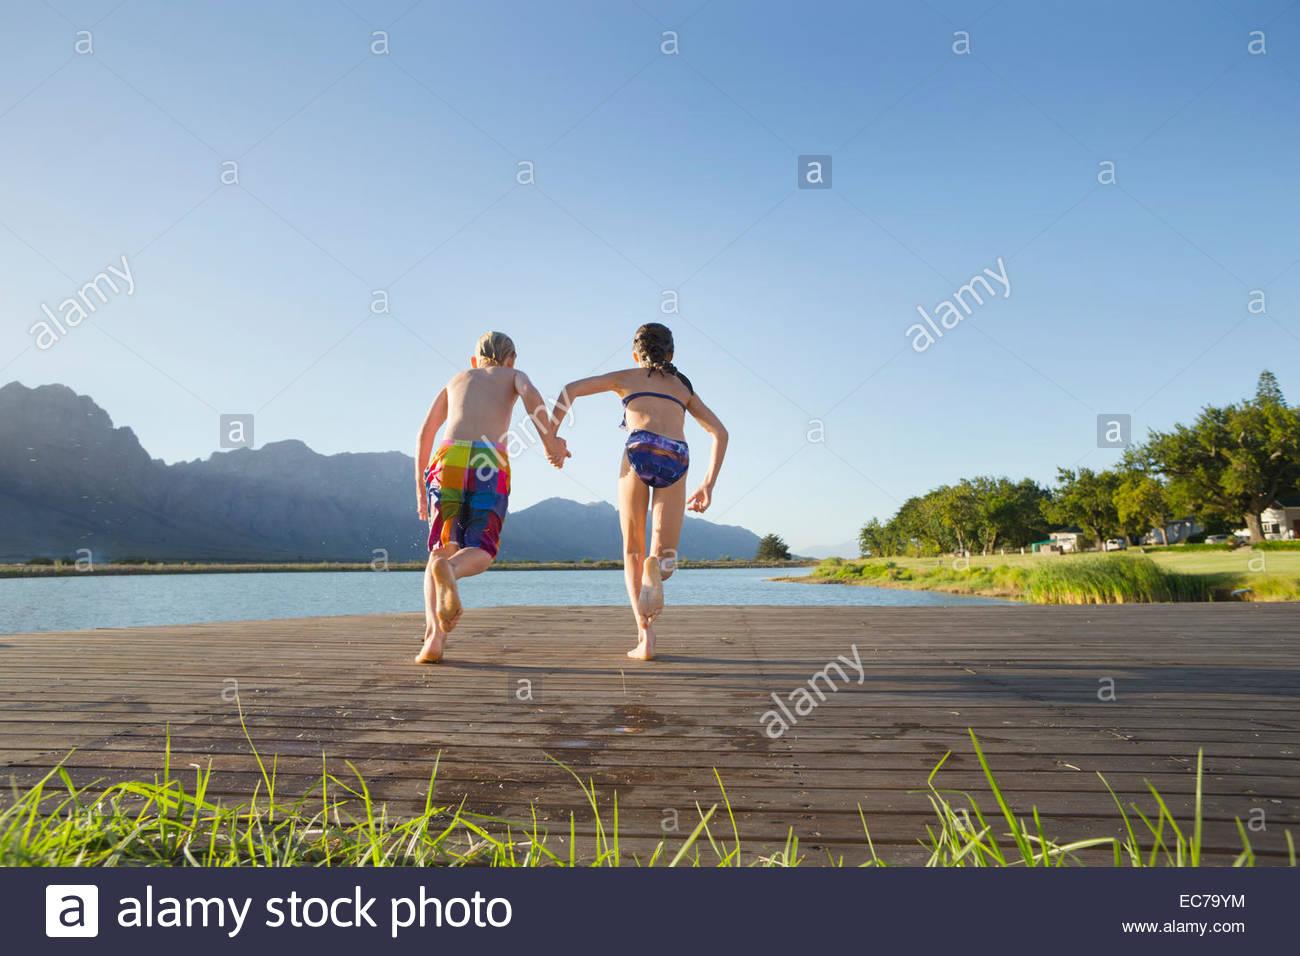 Kinder in Badekleidung, laufen, um von einem Steg in den See springen Stockbild